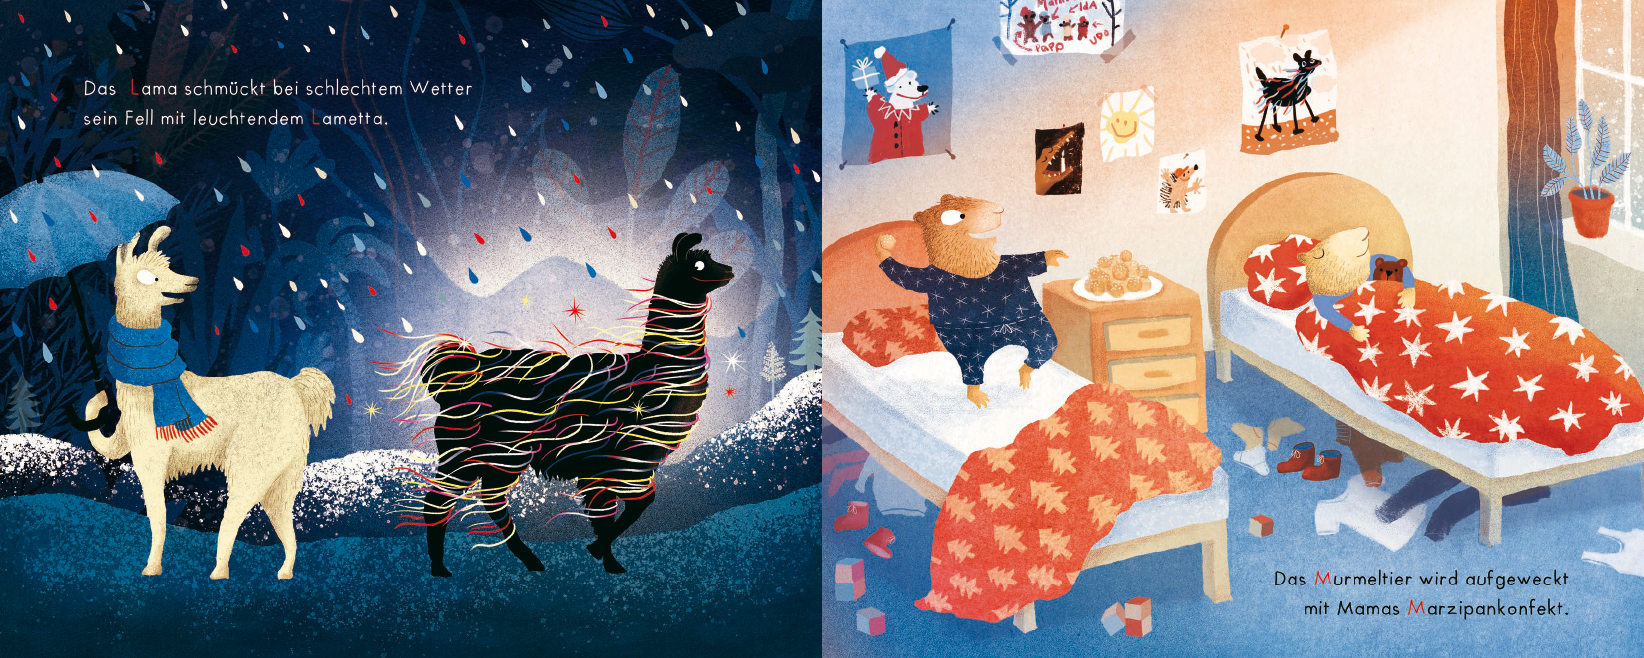 Elsa Klever Illustration Der Fuchs hat seine lieben Nöte beim Halleluja auf der Flöte